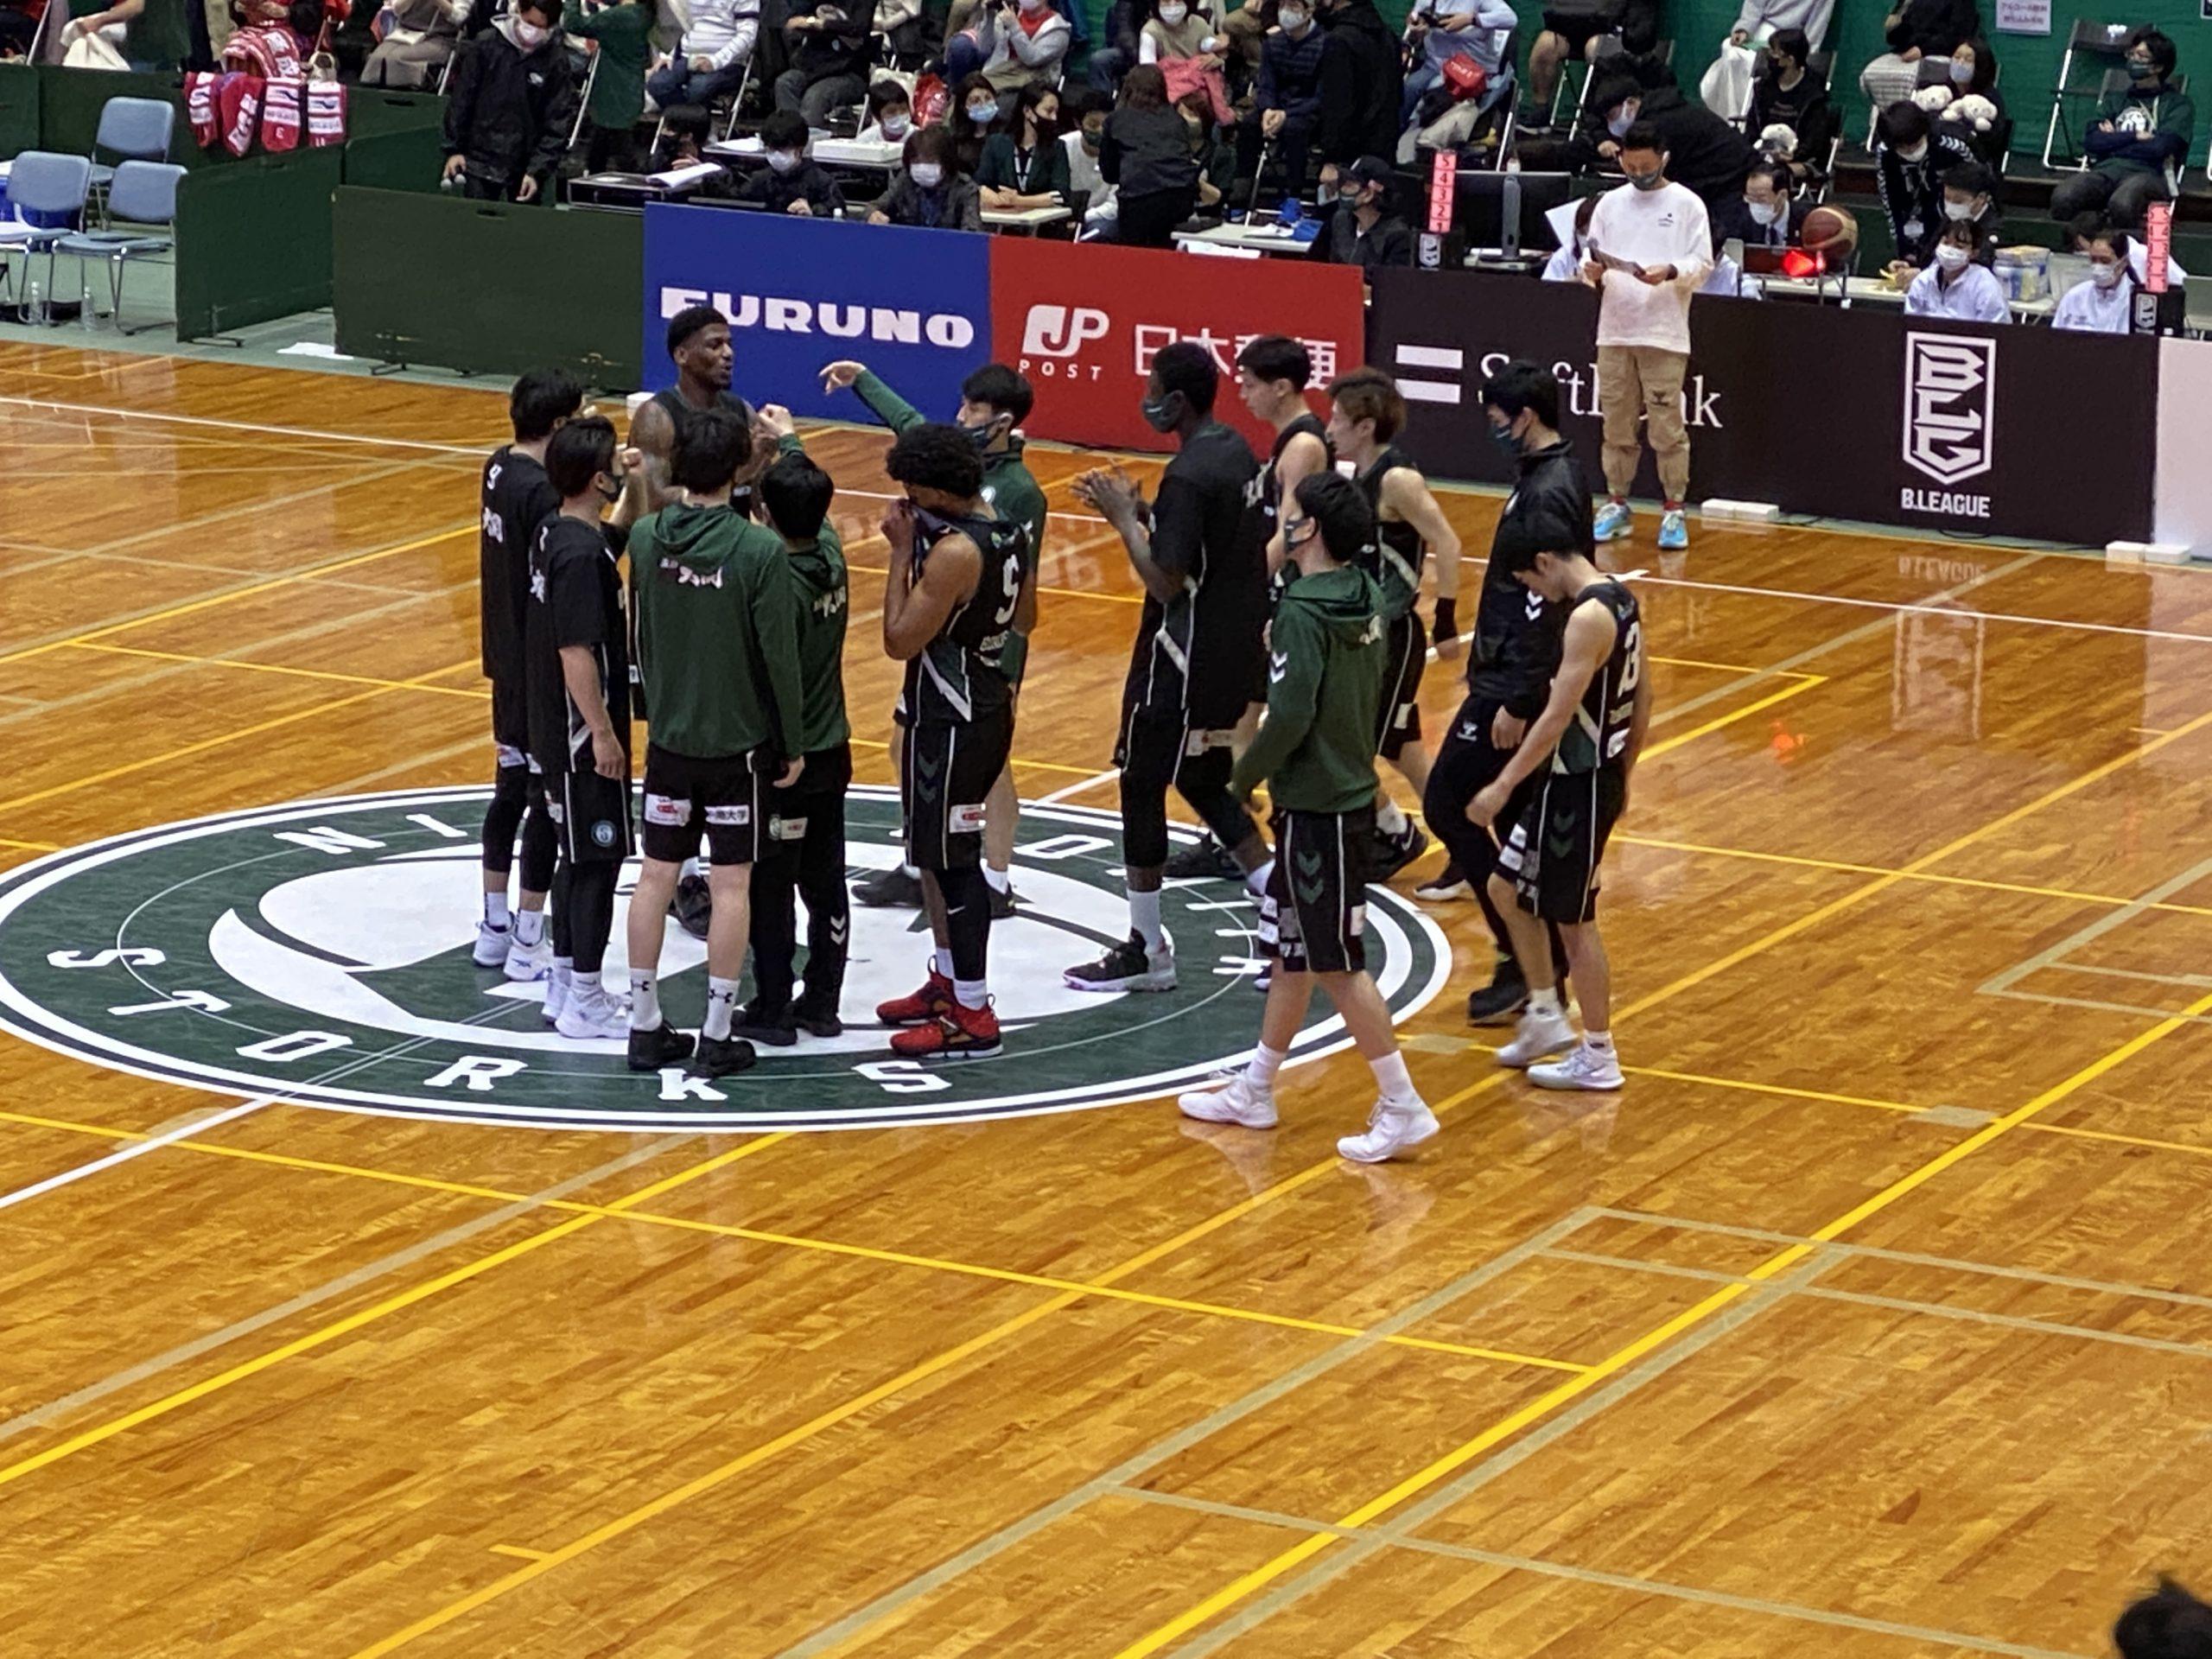 2021-03-27 西宮ストークス対熊本ヴォルターズ